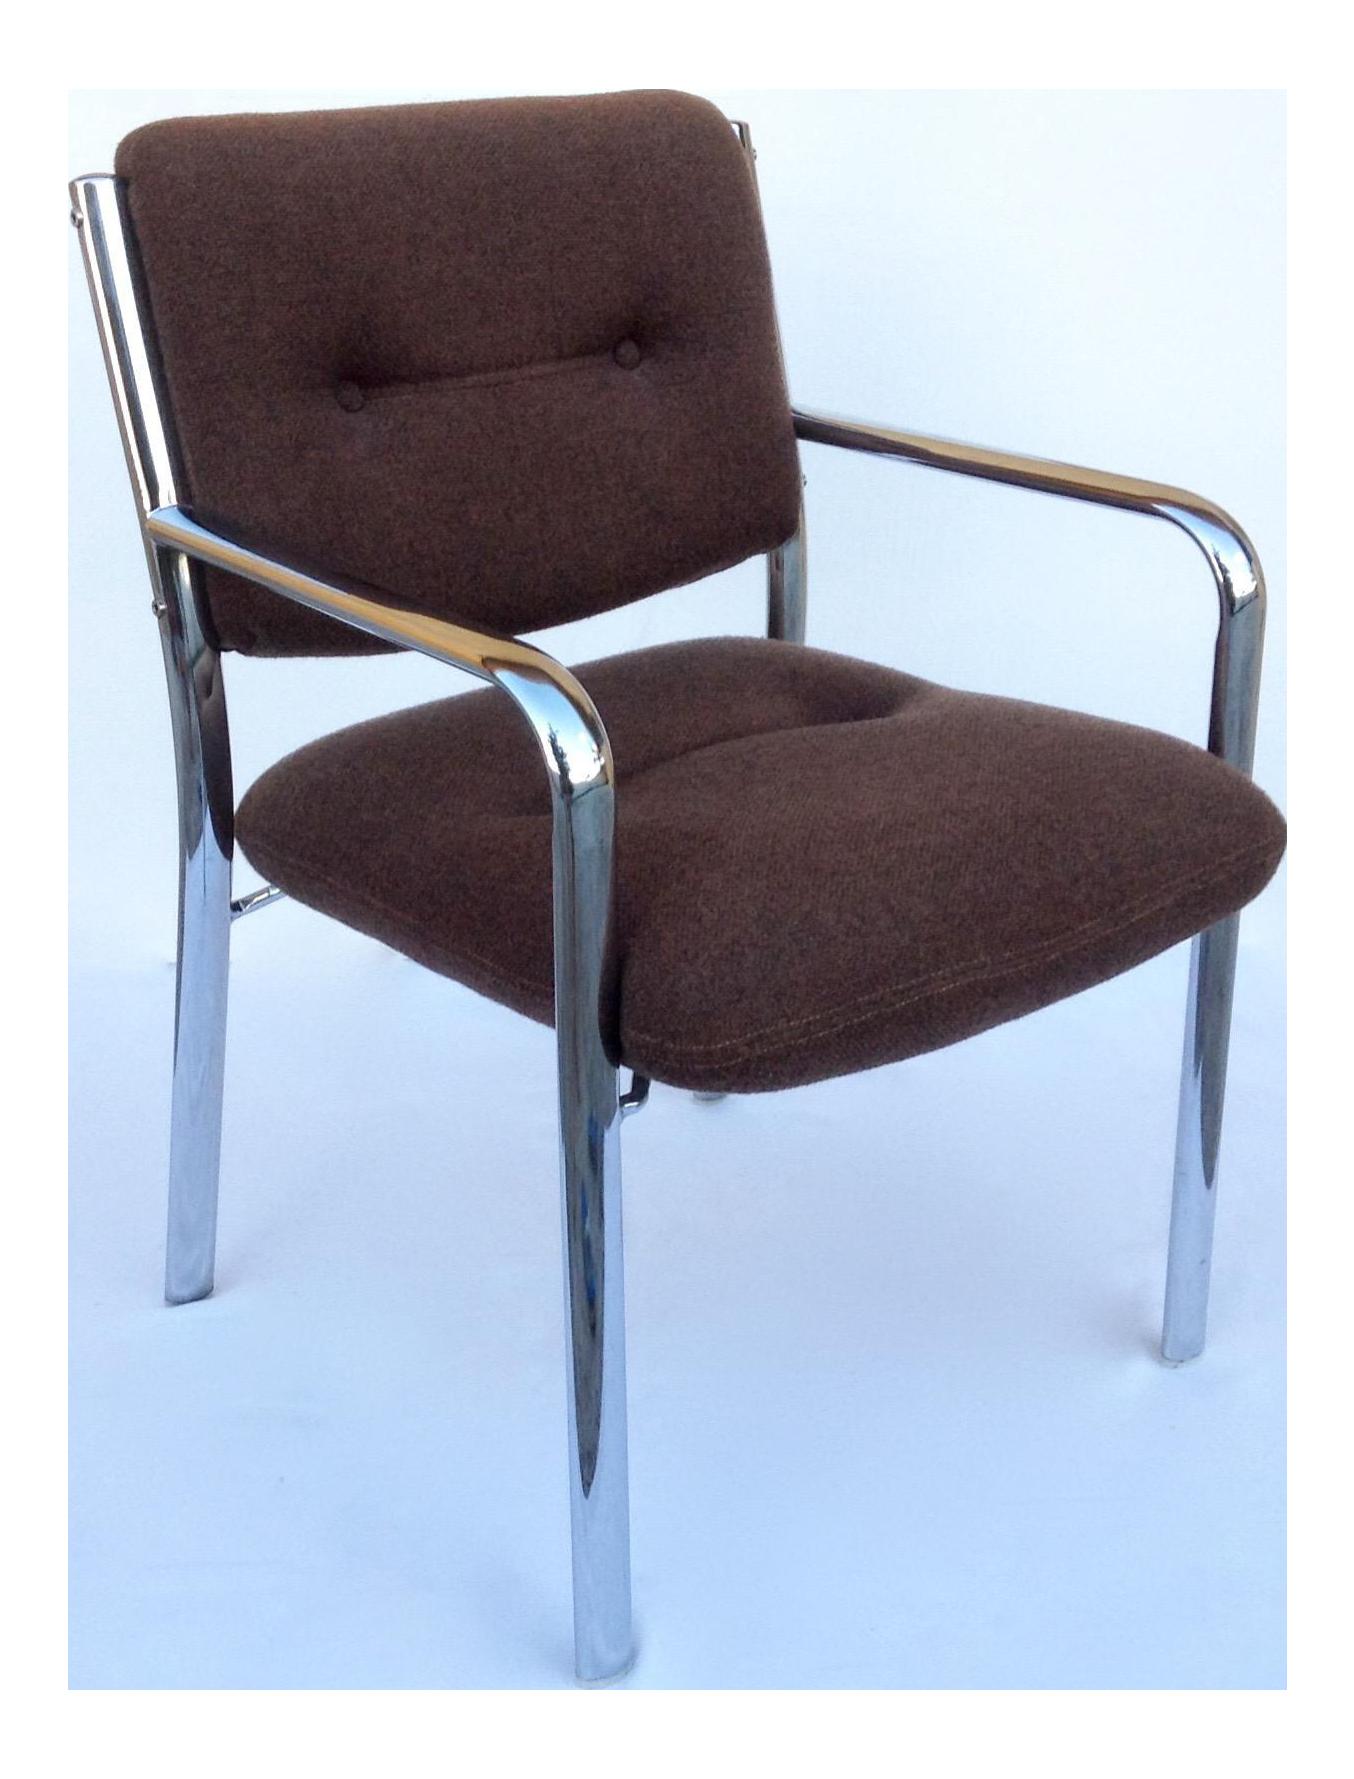 Mid Century ChromCraft Chrome Arm Chair